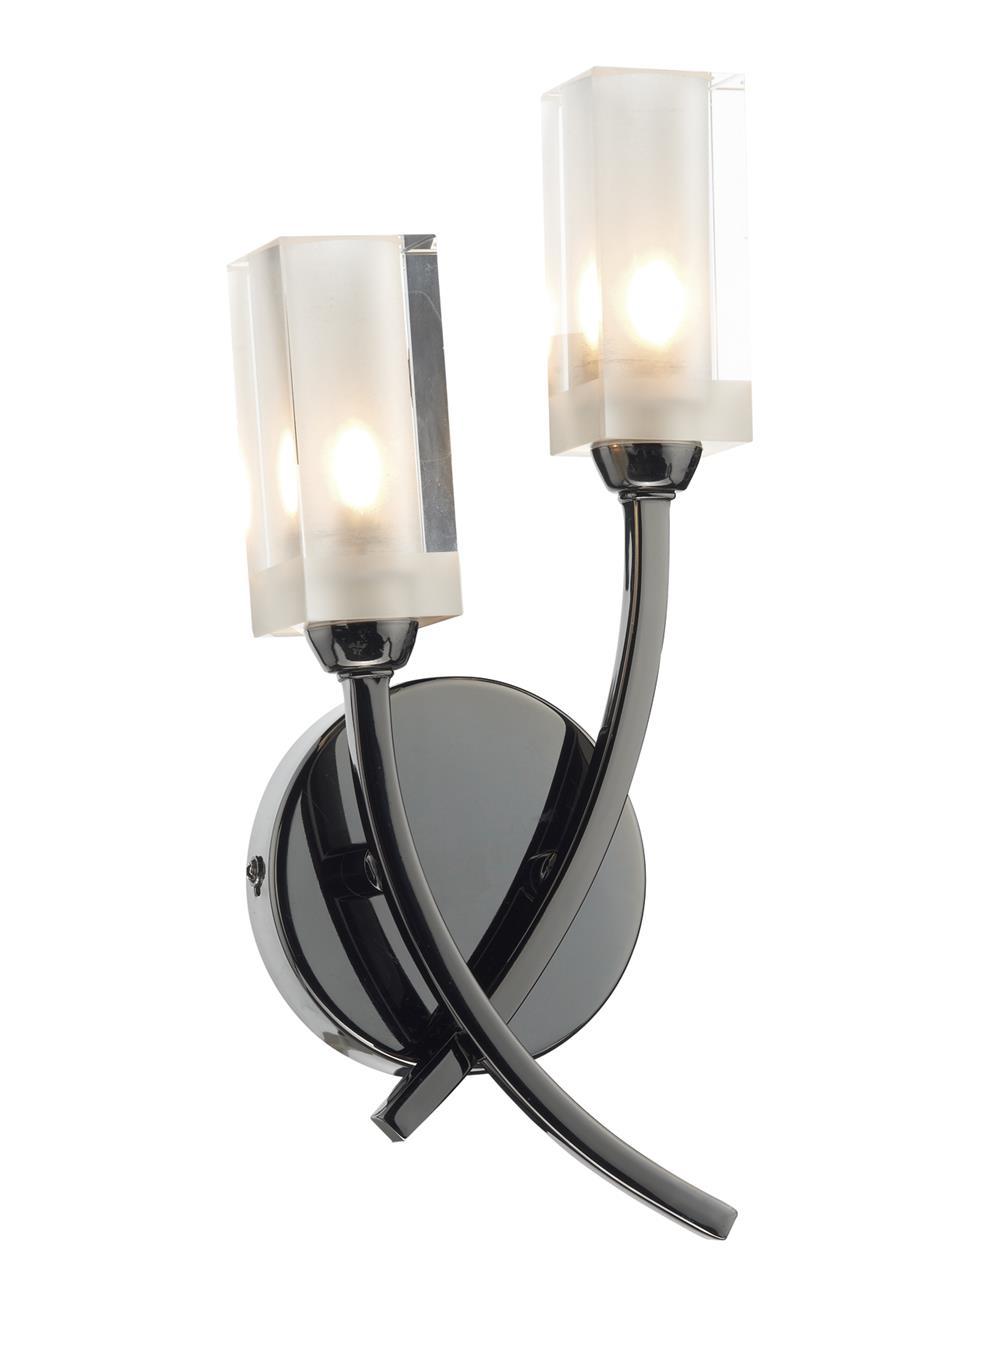 Mor0967 morgan double wall light in black chrome lighting bug swindon mor0967 morgan double wall light in black chrome aloadofball Gallery